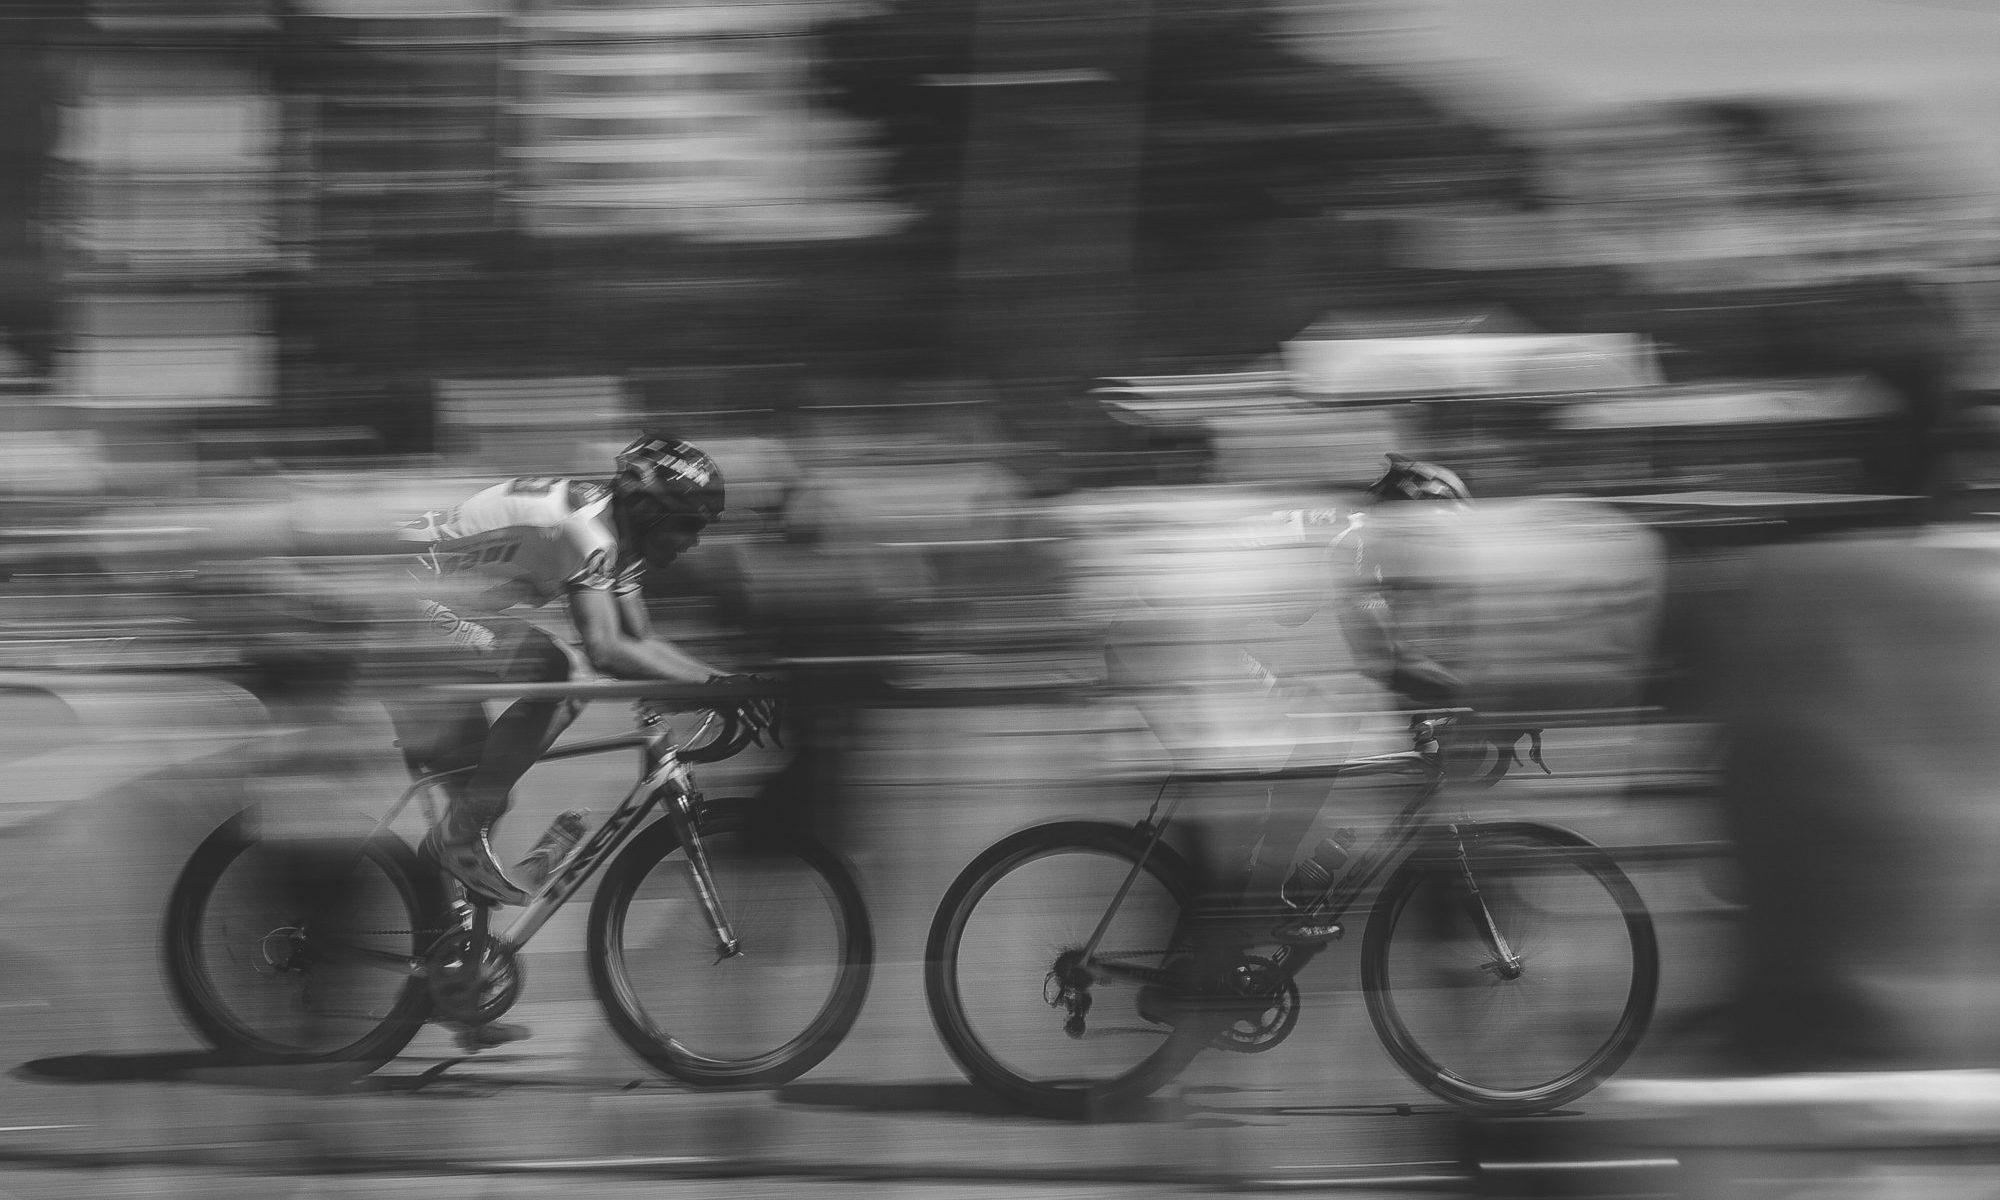 自転車追い抜き